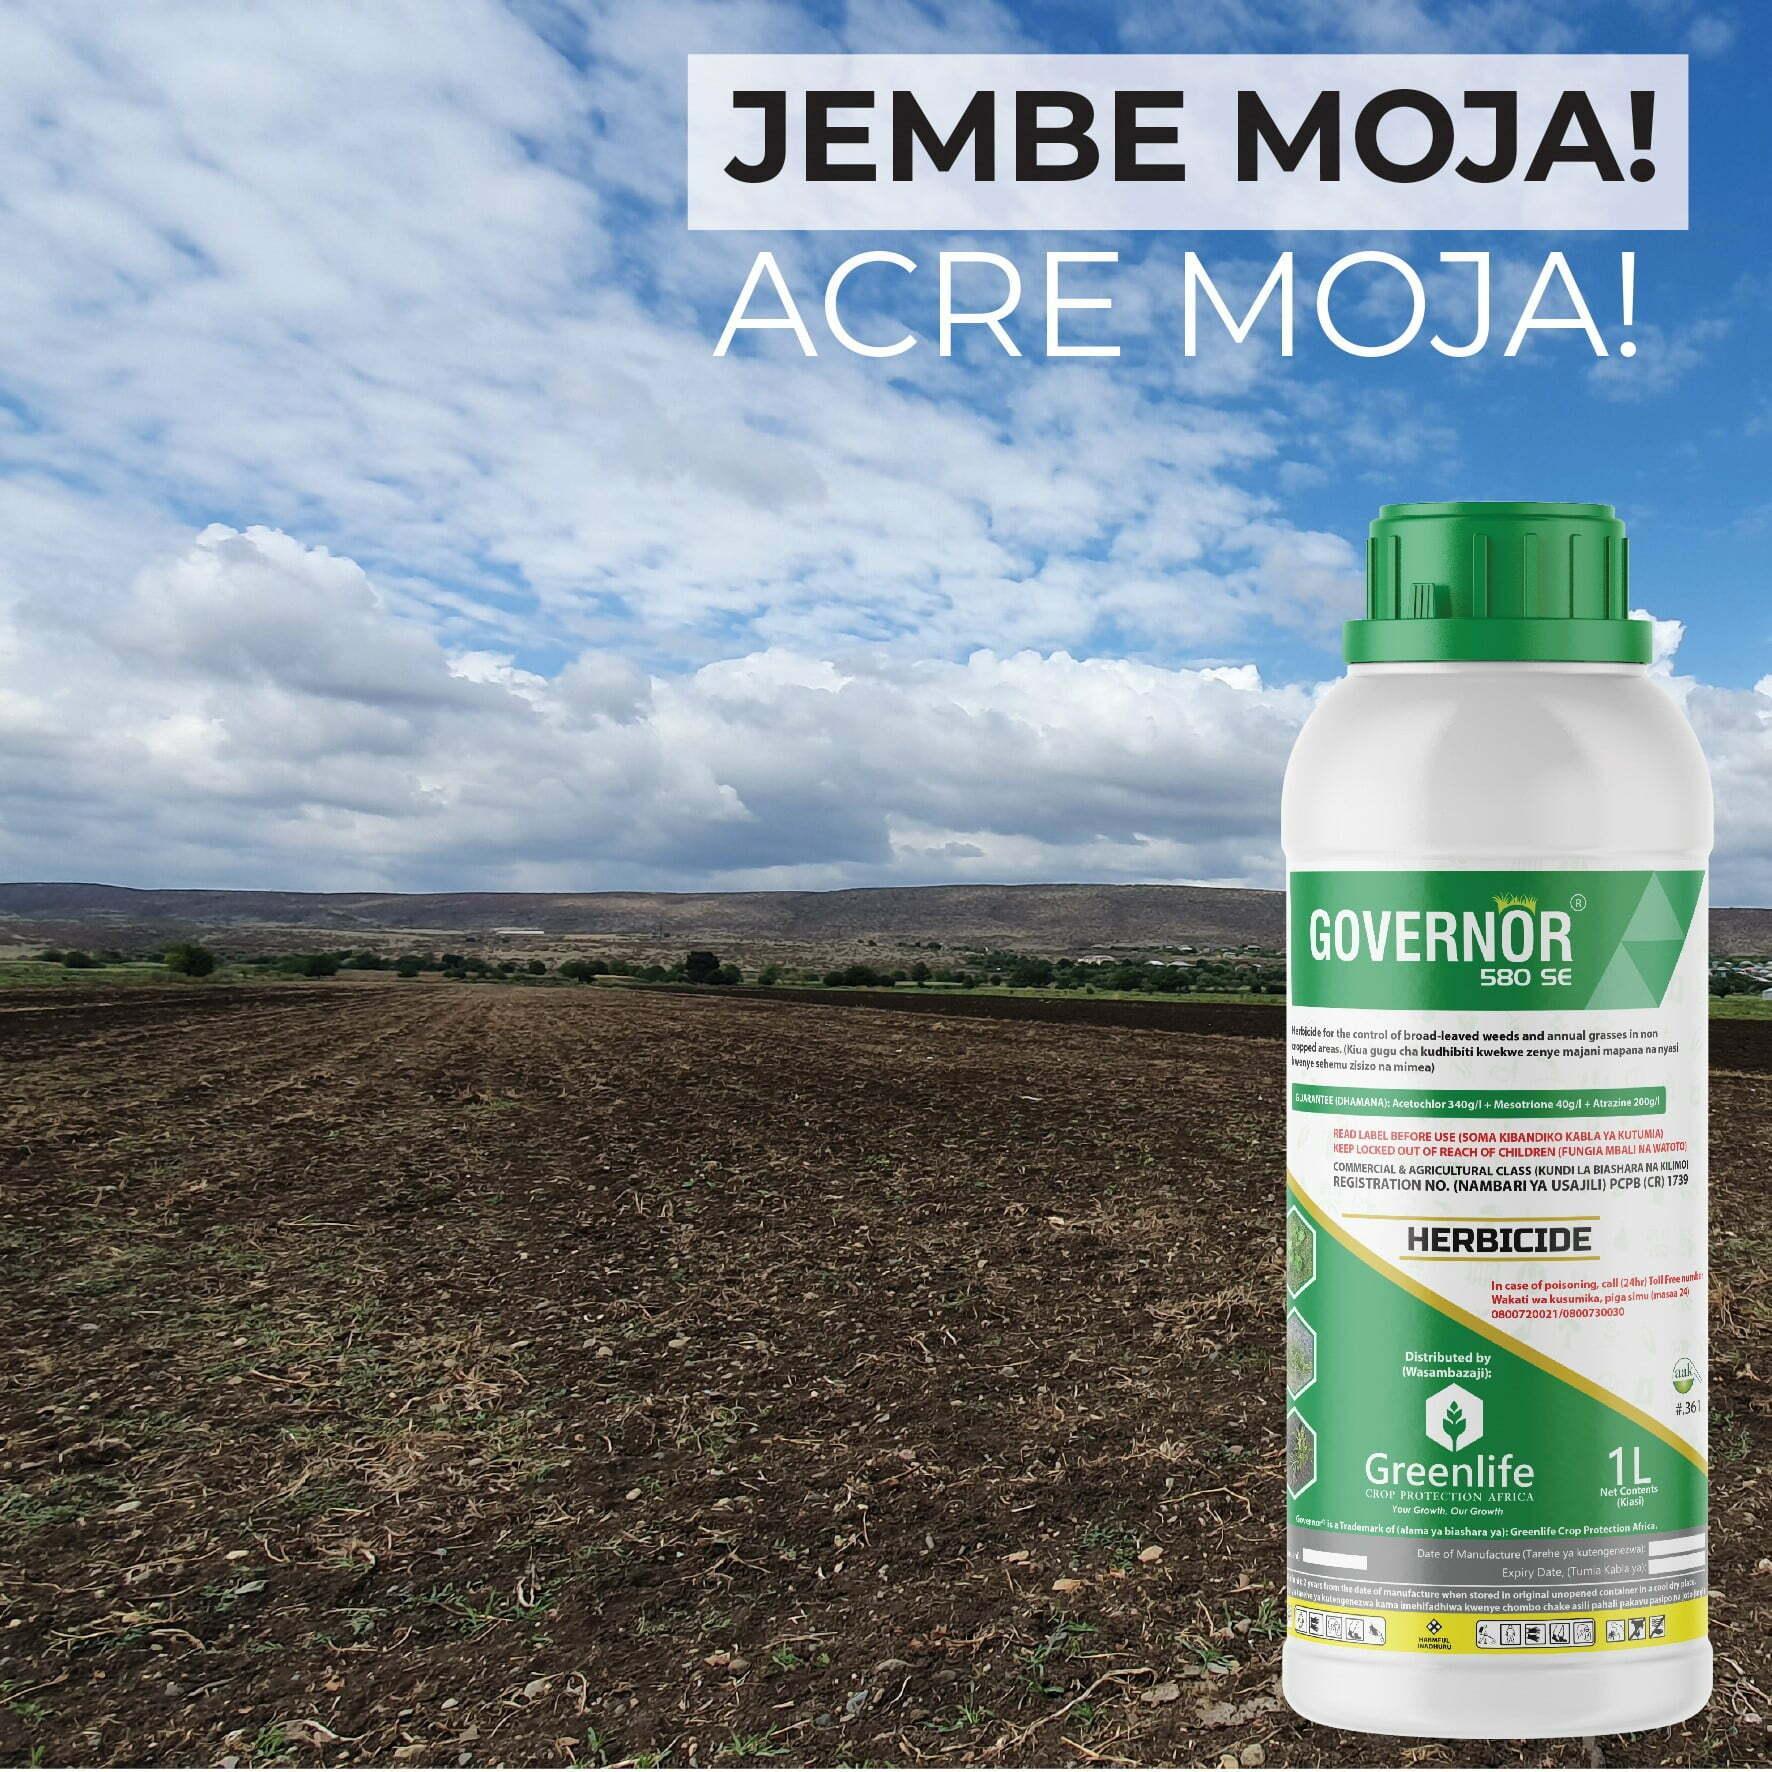 Governor 580 SE maize herbicide